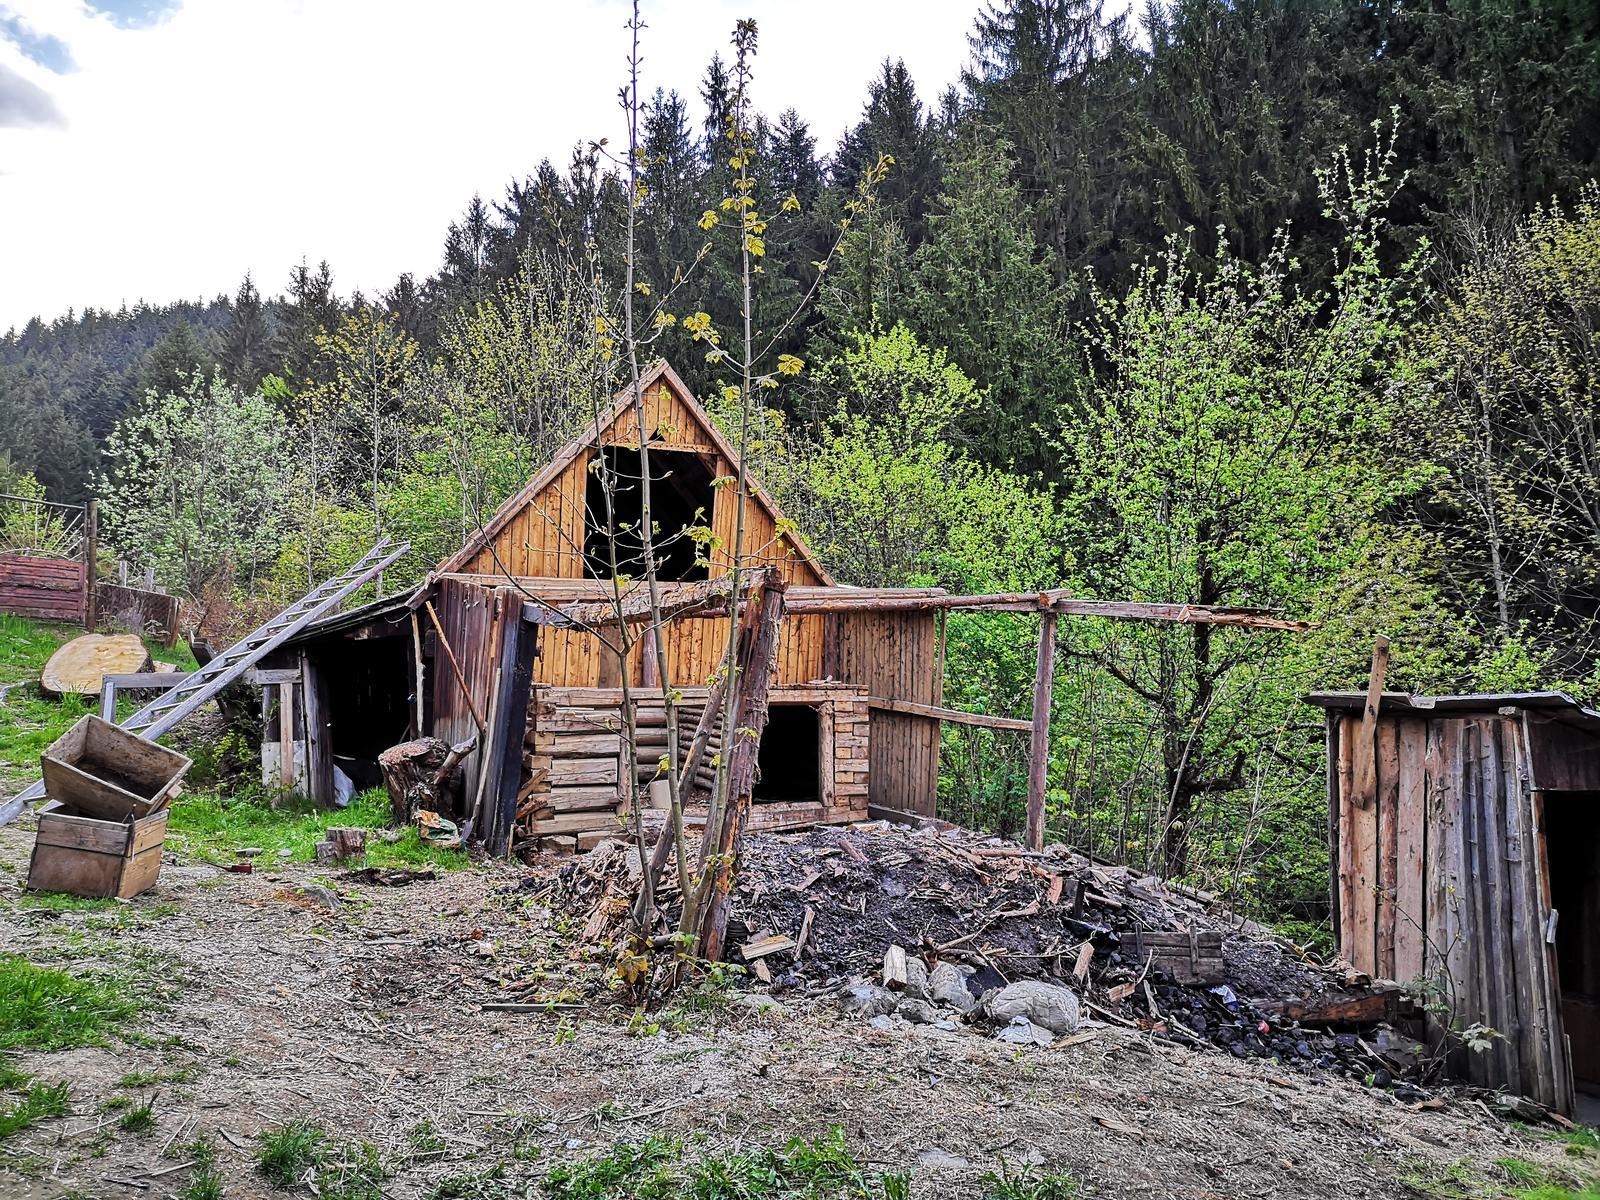 Na samote u lesa - Obrázok č. 98